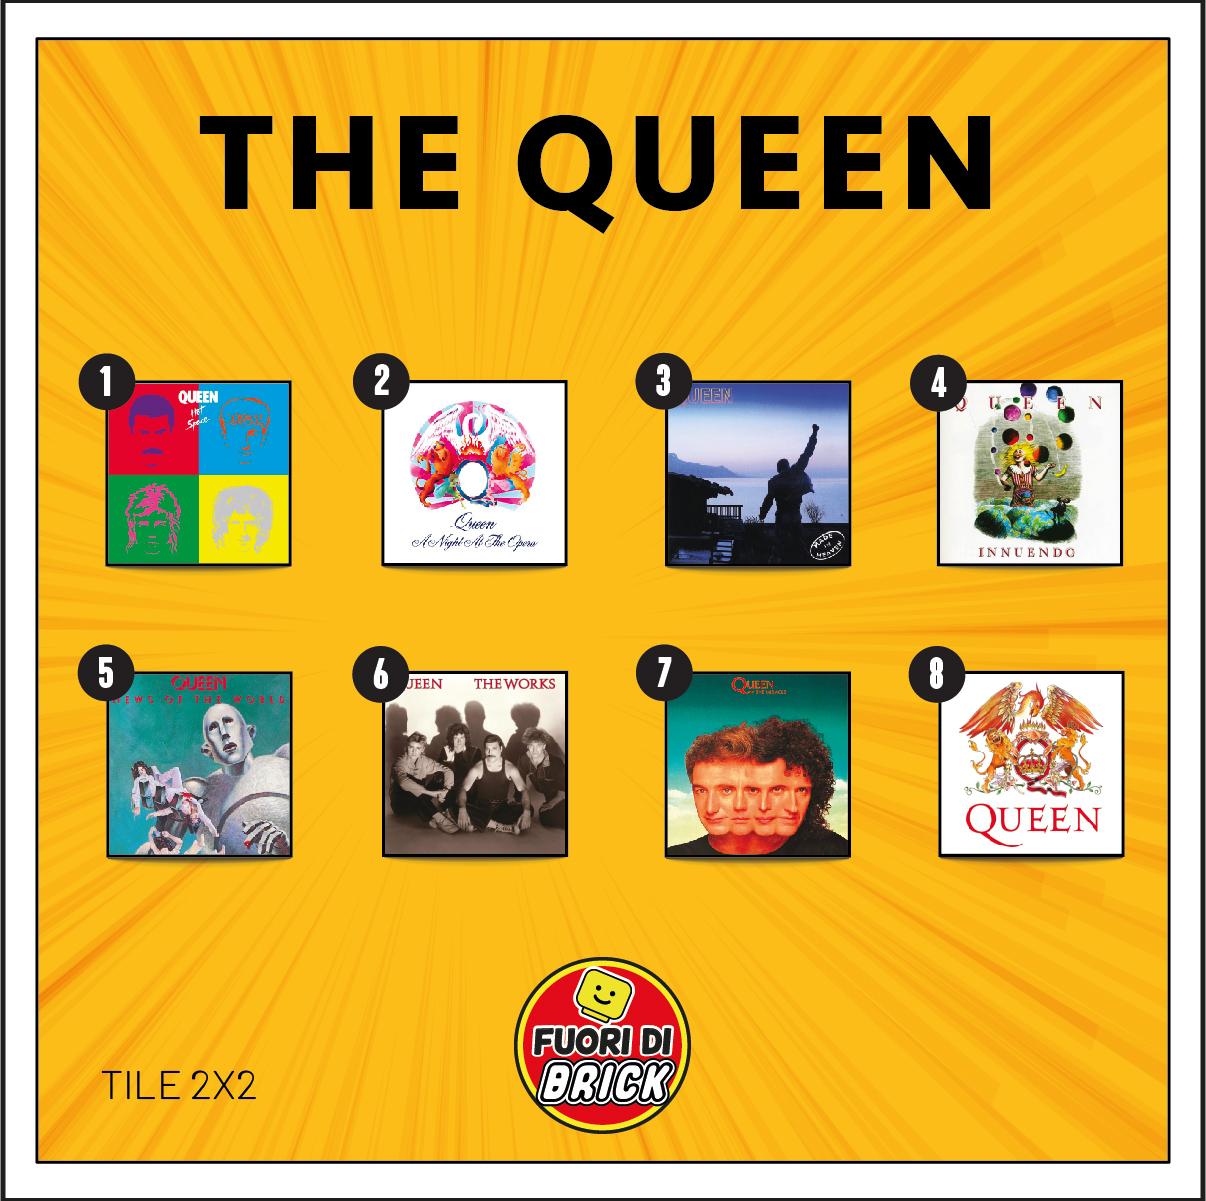 TILE 2X2_THE QUEEN'S ALBUM